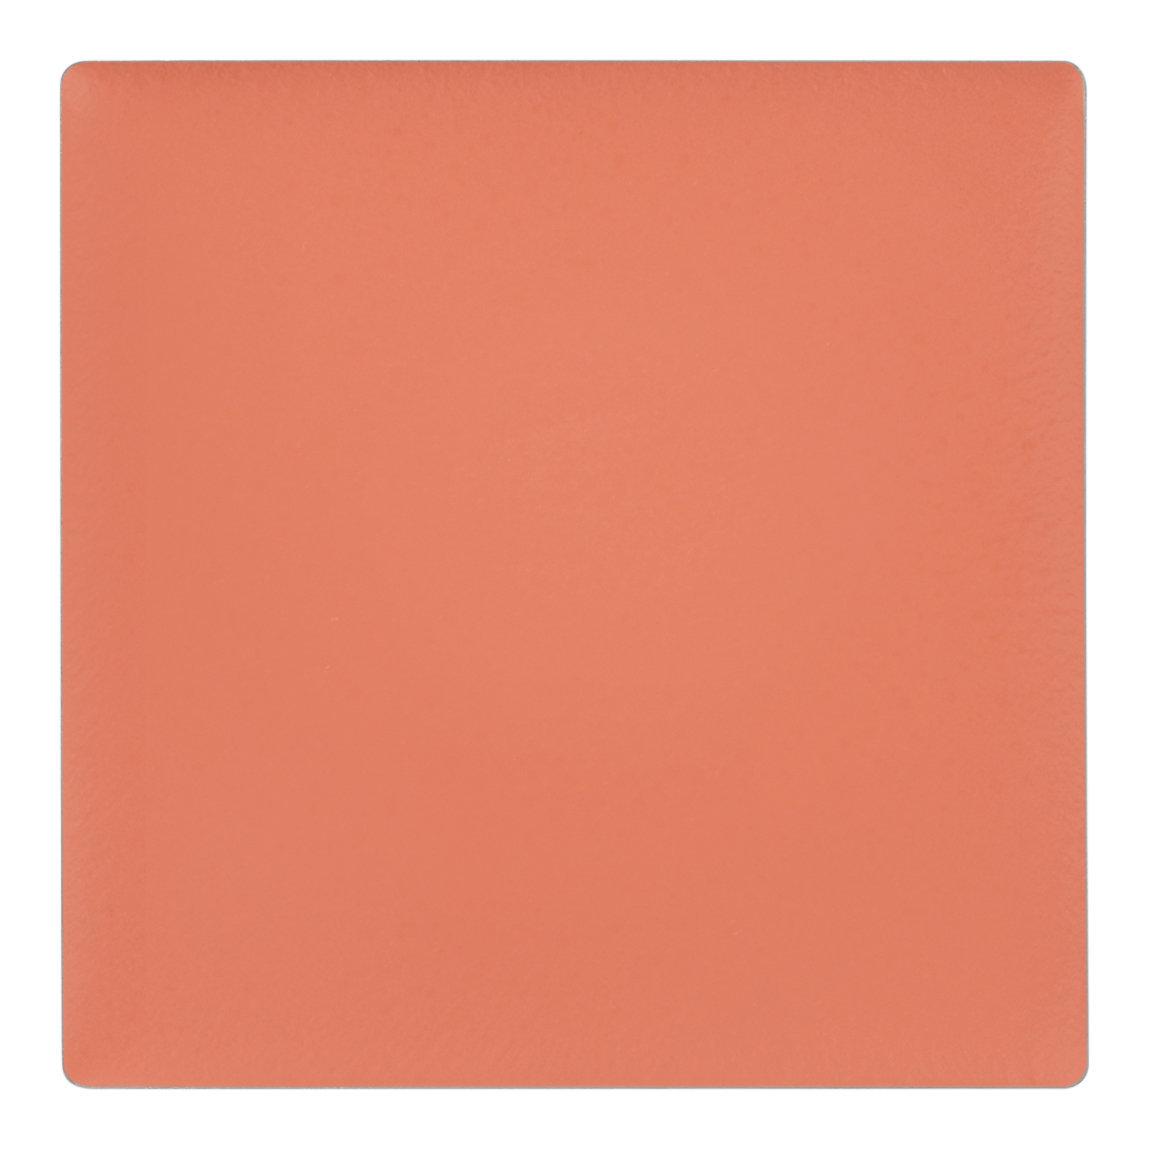 Kjaer Weis Cream Blush Refill Precious